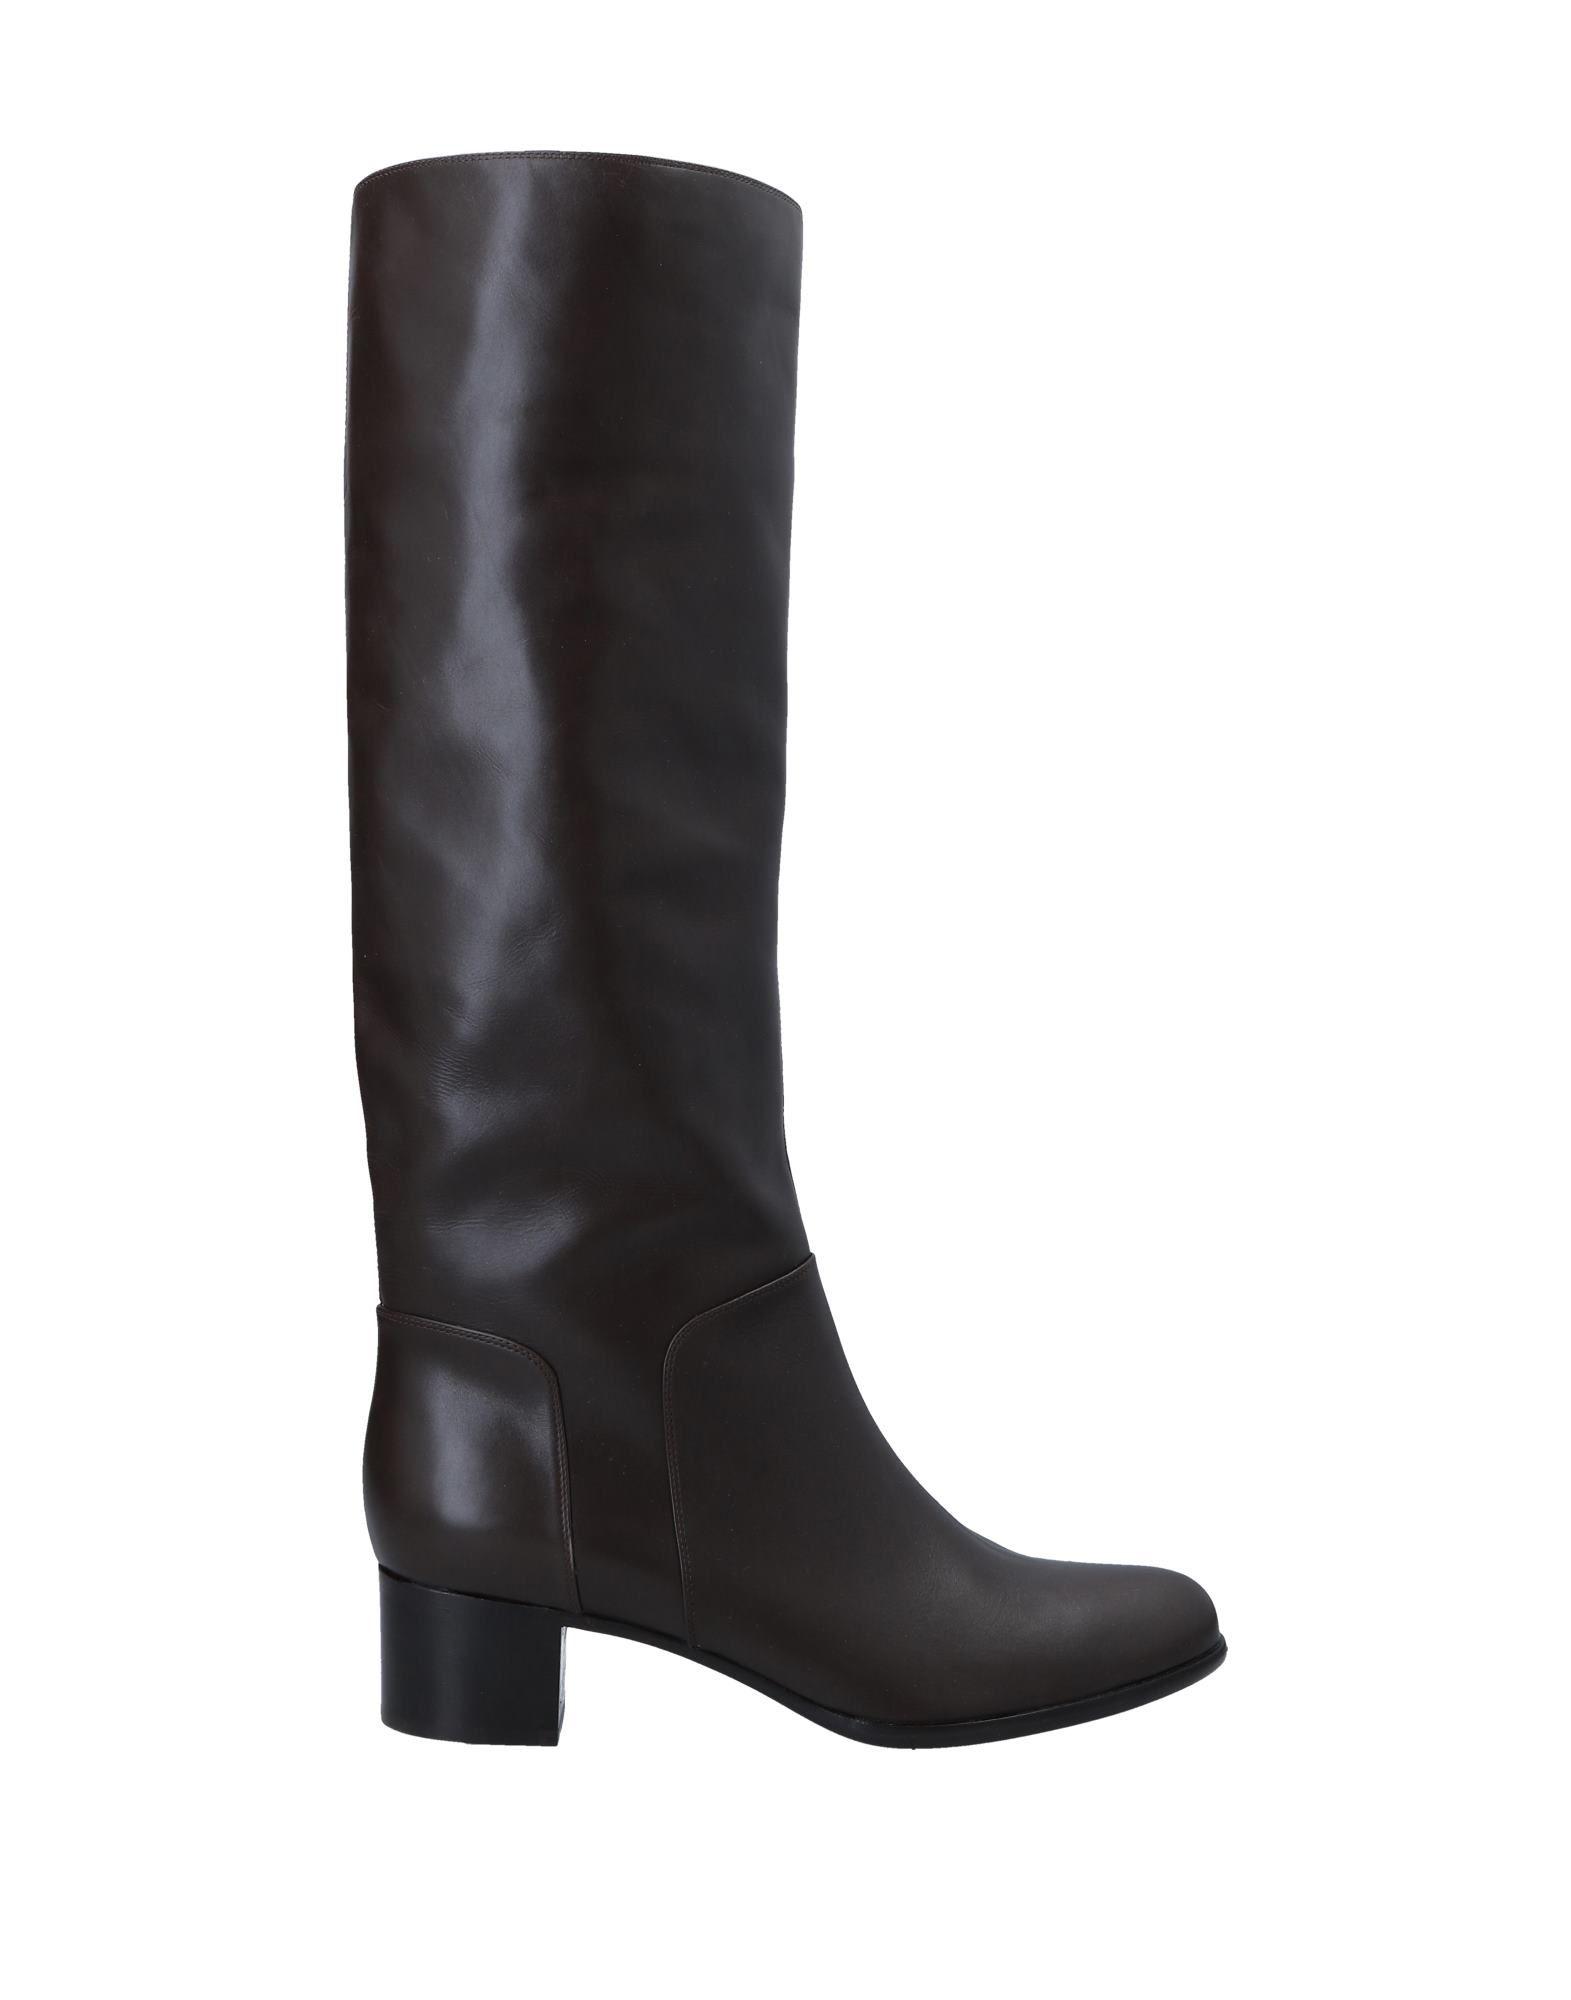 Sergio Sergio Rossi Boots - Women Sergio Sergio Rossi Boots online on  United Kingdom - 11526153CS 8fa4b6